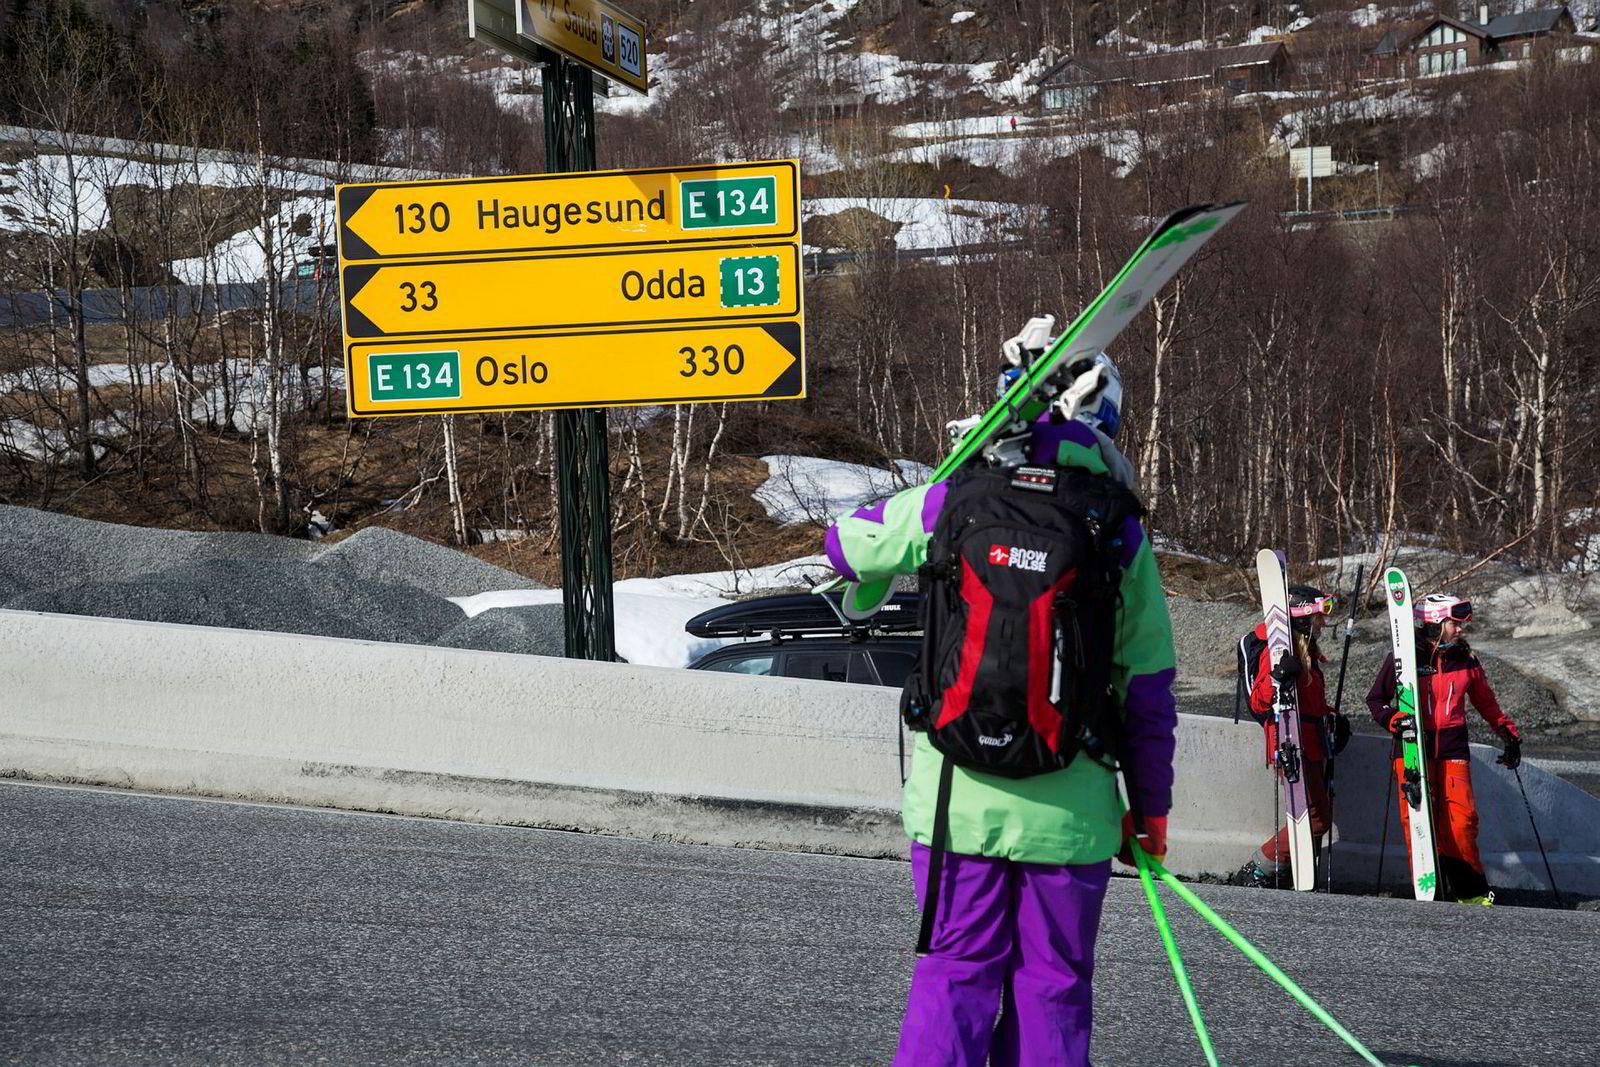 Ane Evjen Mathiesen venter til bilene har passert før hun krysser veien og gjenforenes med Synnøve Medhus og Kamilla Bratteteig. Herfra venter et par minutter i bil før jentene er tilbake i skisenteret.